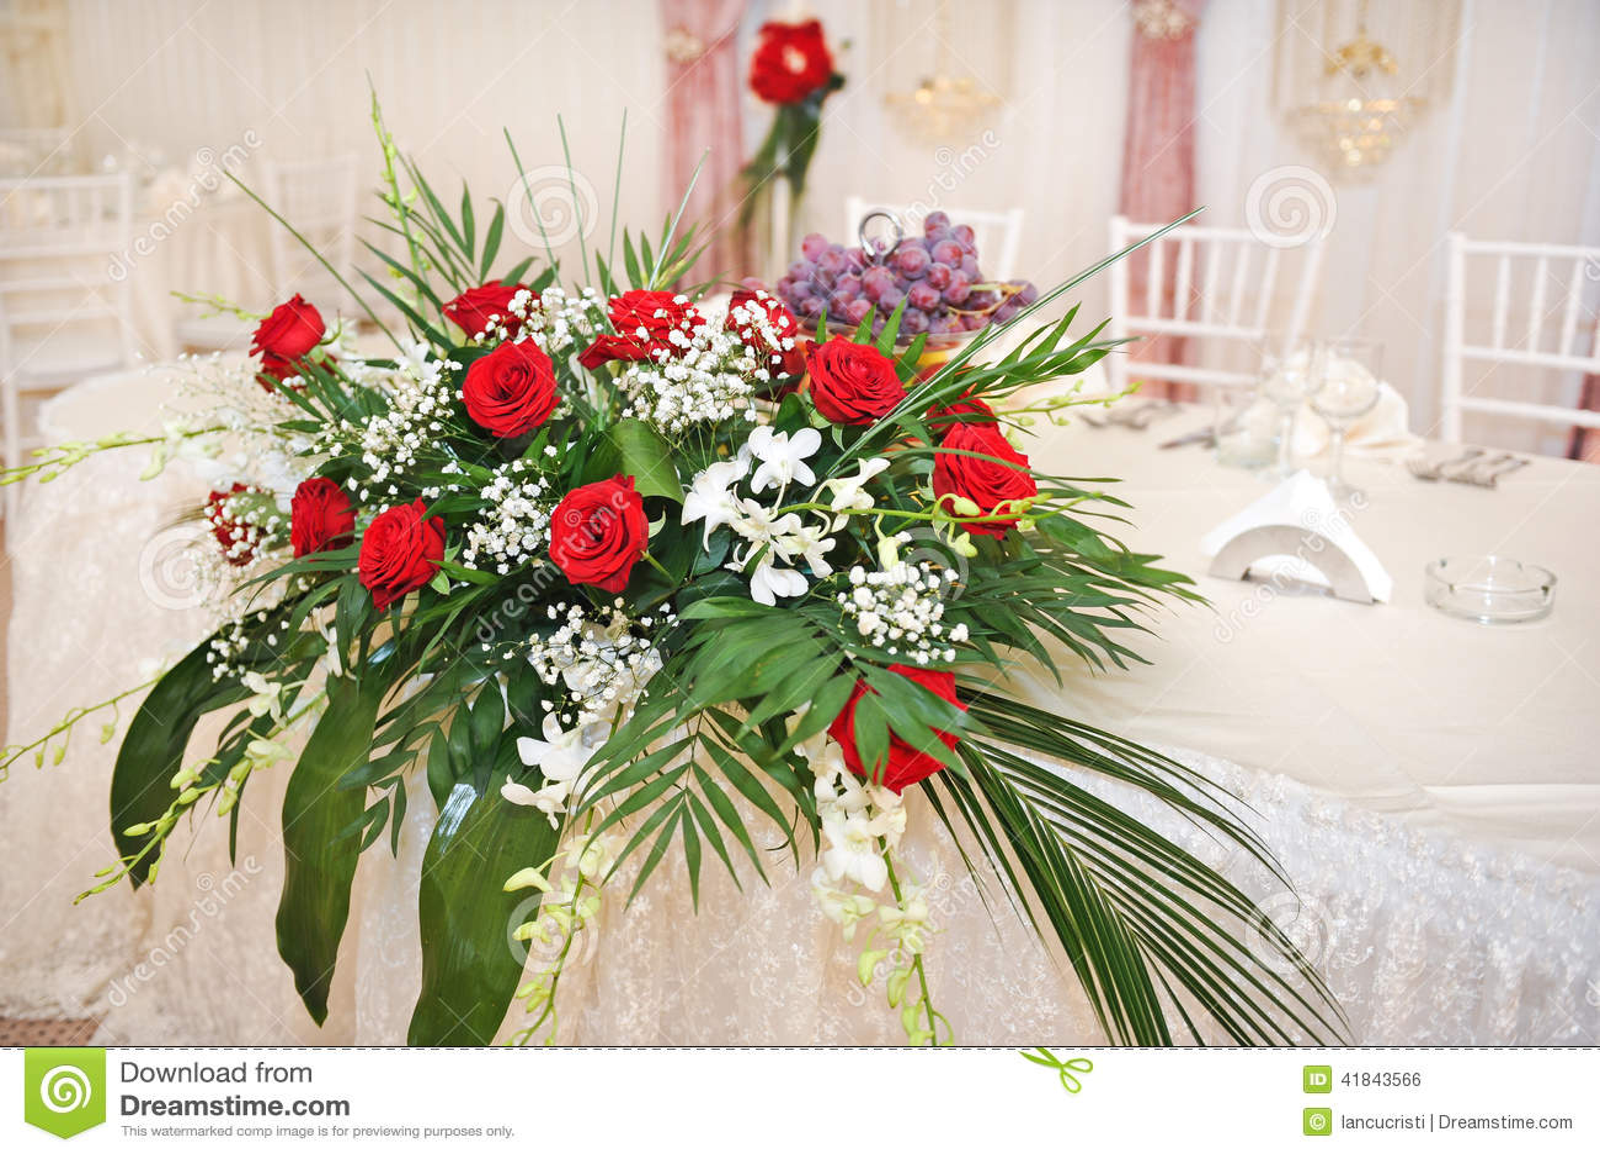 Beau bouquet des fleurs roses sur la table bouquet de mariage des roses rouges bouquet l gant - Bouquet de fleurs pour table mariage ...